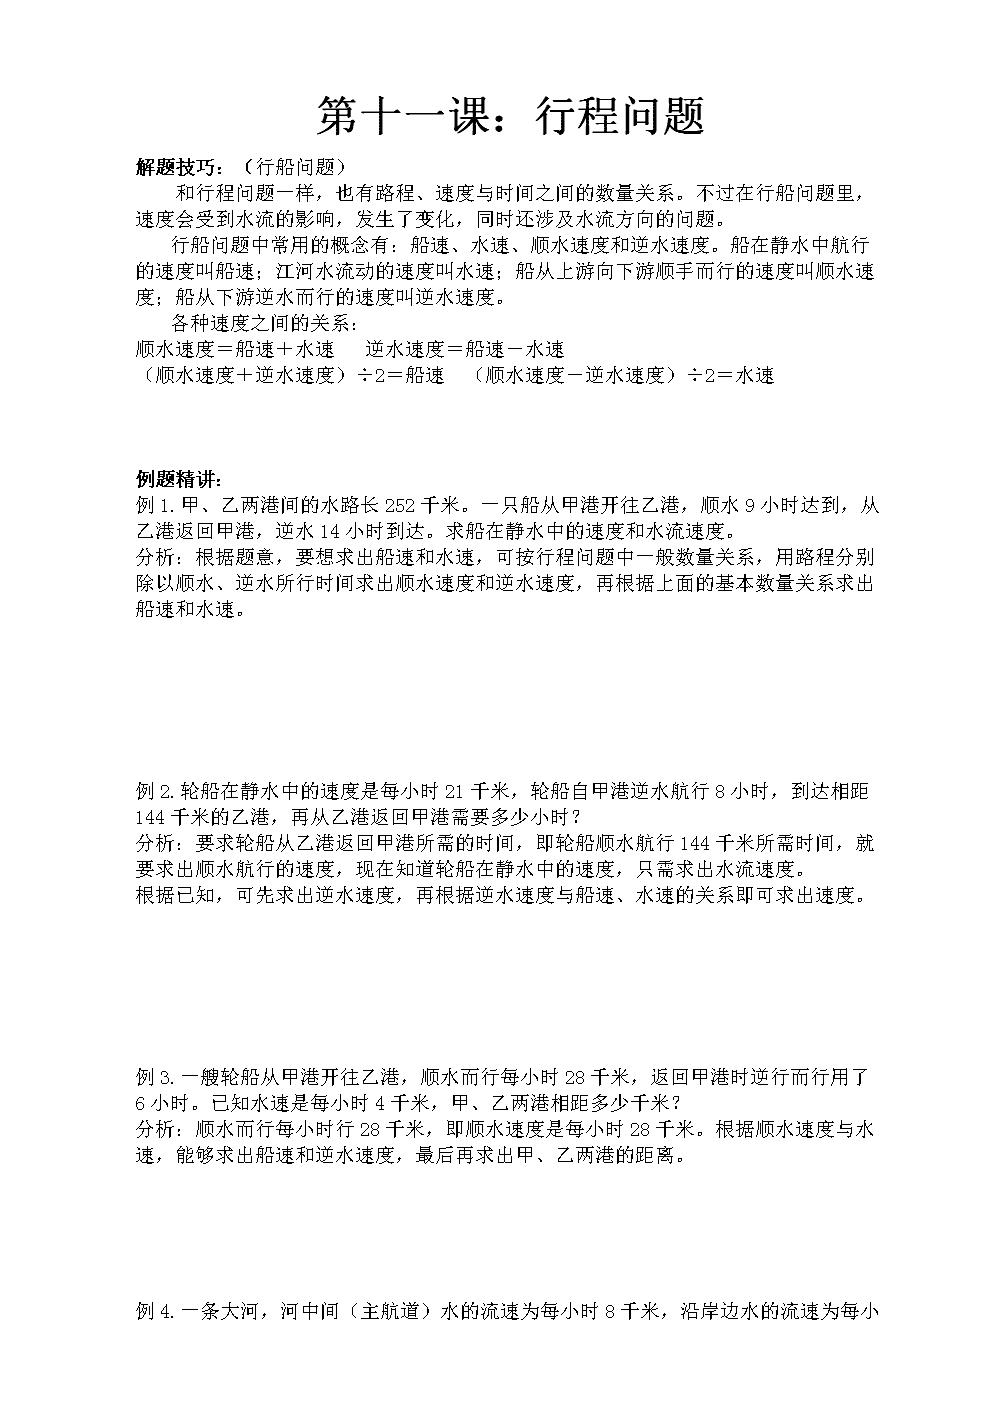 11、火车行程、行船问题.doc